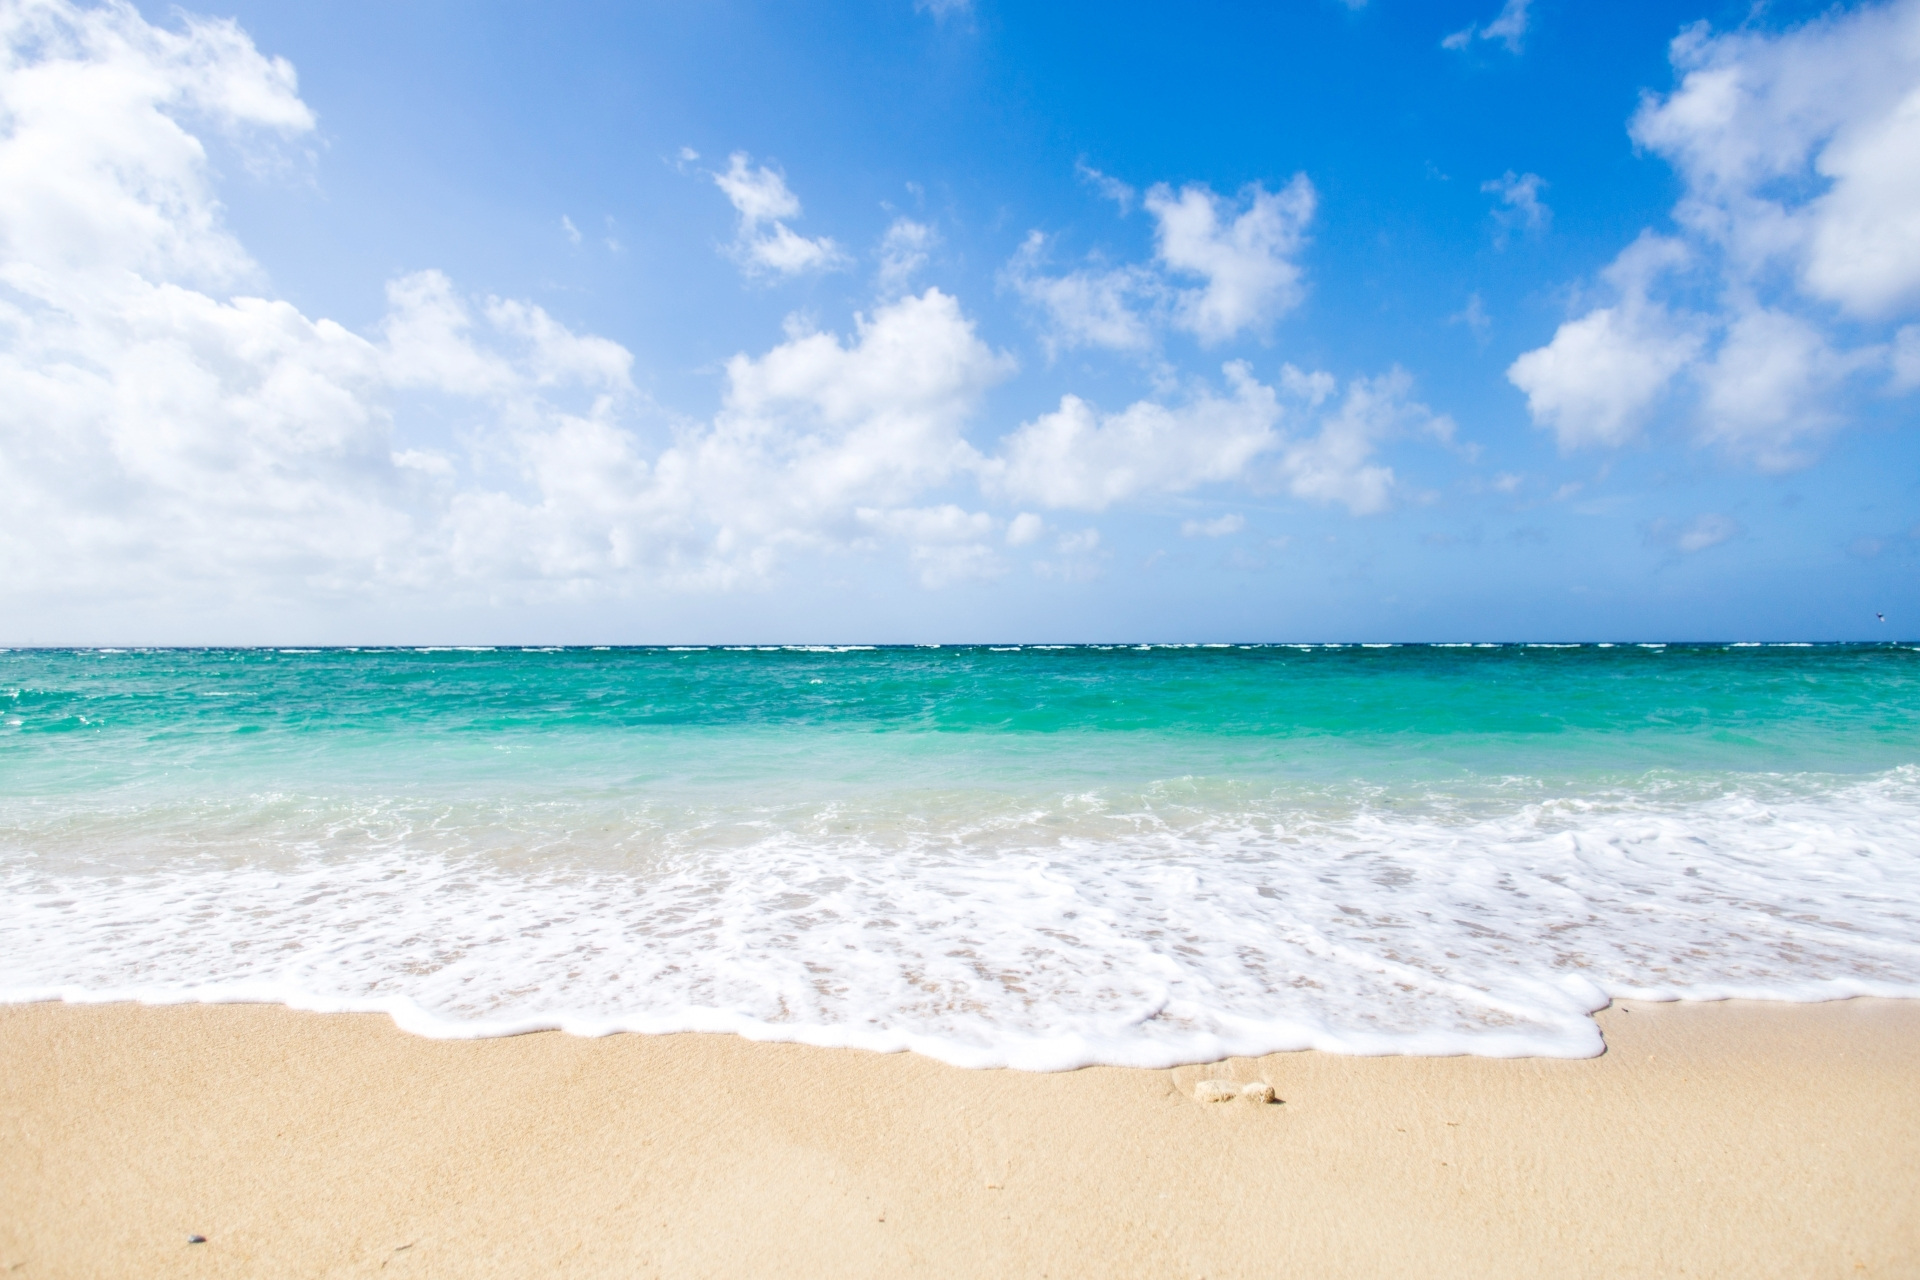 徳島にいながらバカンス気分! デートにぴったり砂浜BAR